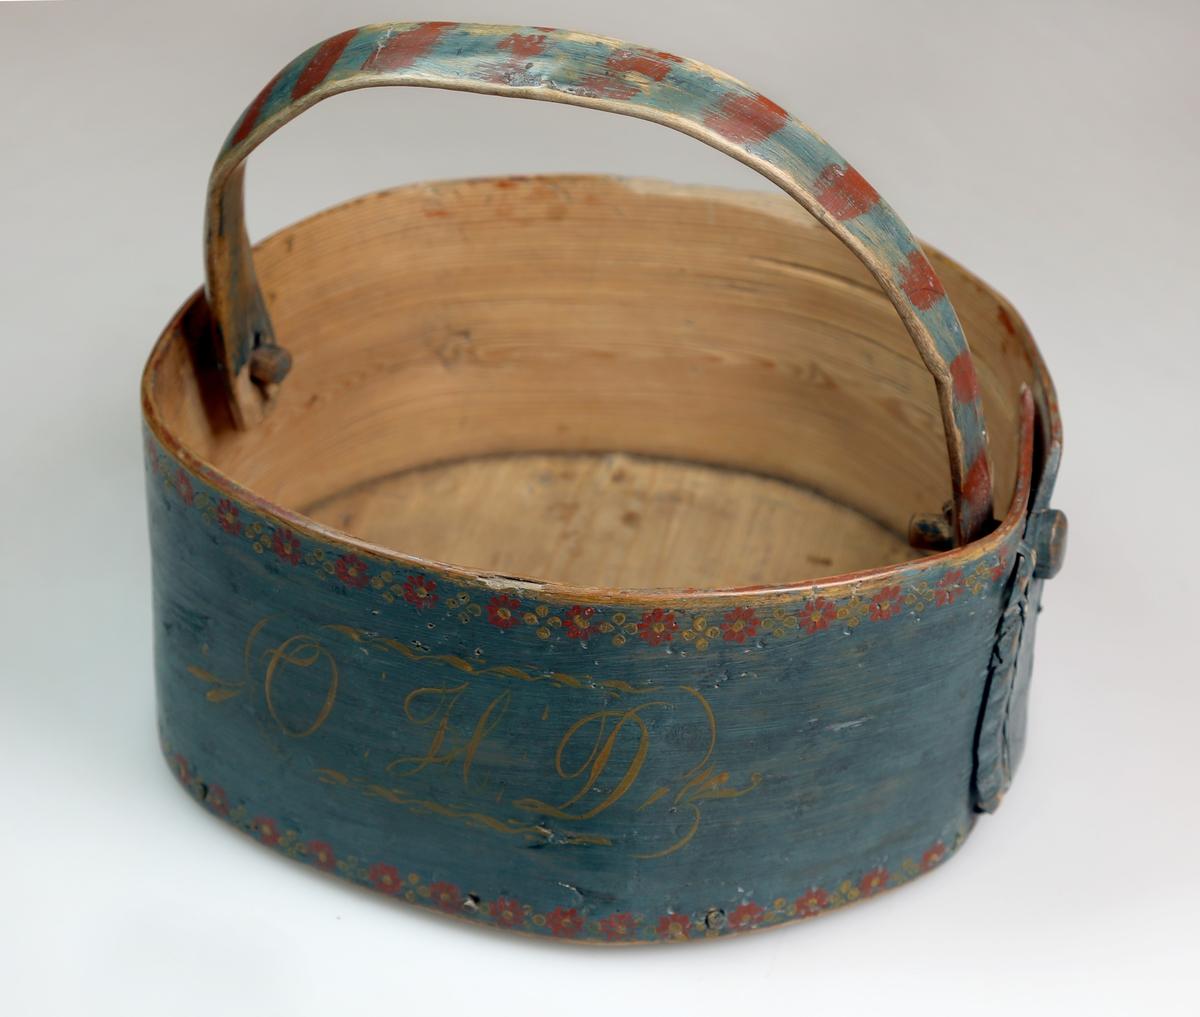 Kurv. Den er sveipet, og rund i formen, og har hank. Bunnfarven er blå, og den malte dekoren er rød og gulv.